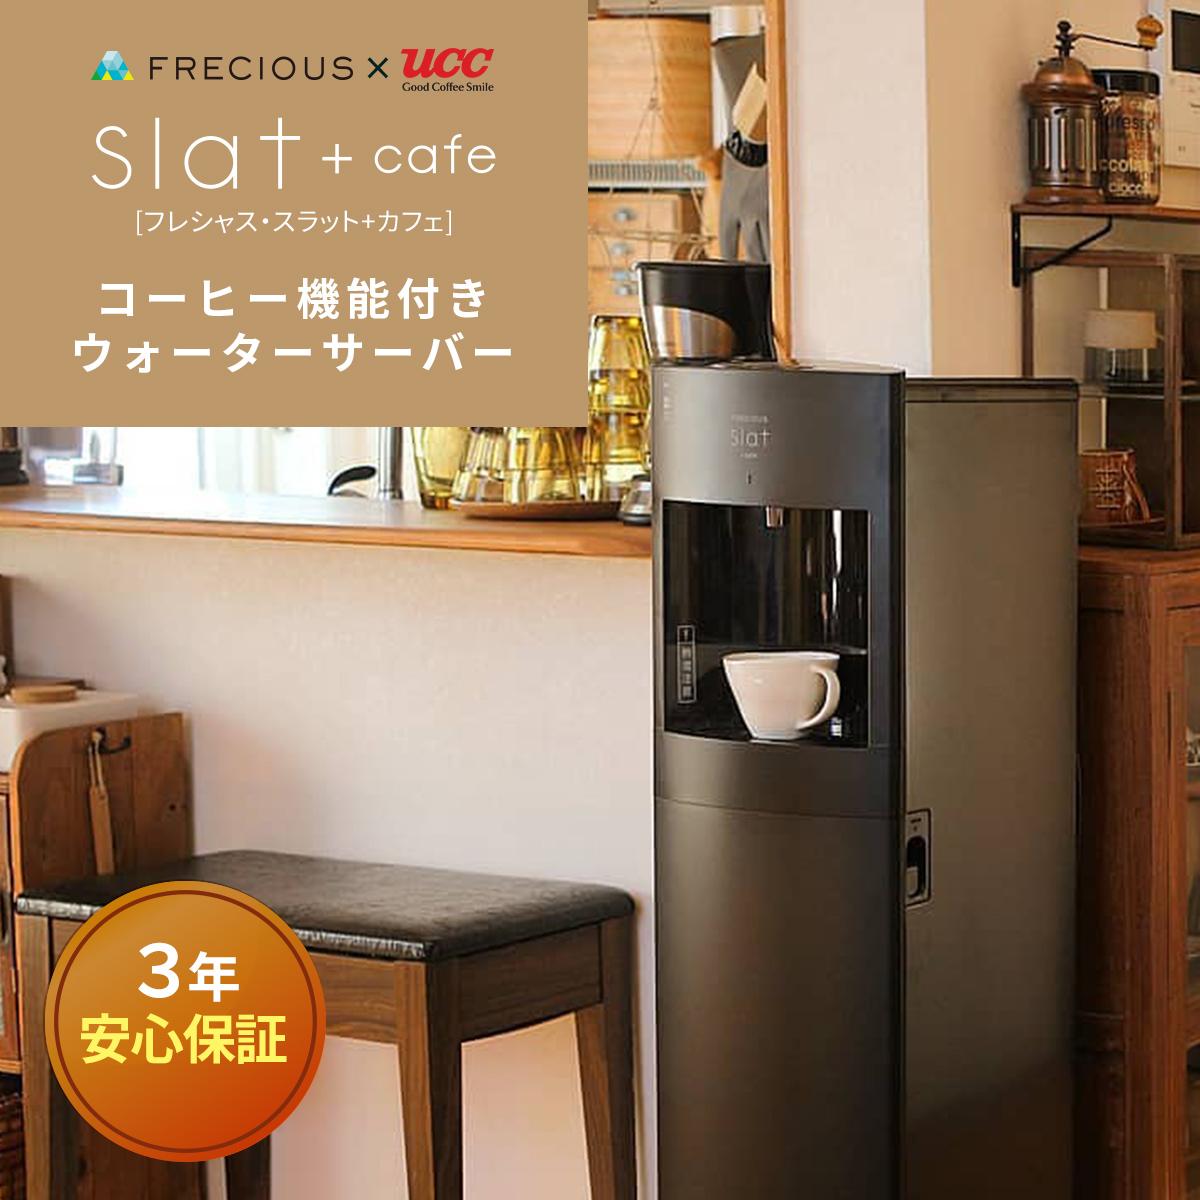 """コーヒーメーカーと1つになった""""2in1""""ウォーターサーバー コーヒー UCC ドリップポッド ハンドドリップコーヒー 全品送料無料 天然水 おうち時間 おうちカフェ おしゃれ マラソン期間中先着30名様限定 20%OFF+ポイント5倍 本体 フレシャス cafe 評価 初回特典:天然水1箱 コーヒーメーカー一体型ウォーターサーバー コーヒーメーカー UCCドリップポッド24杯分 ウォーターサーバー FRECIOUS Slat"""